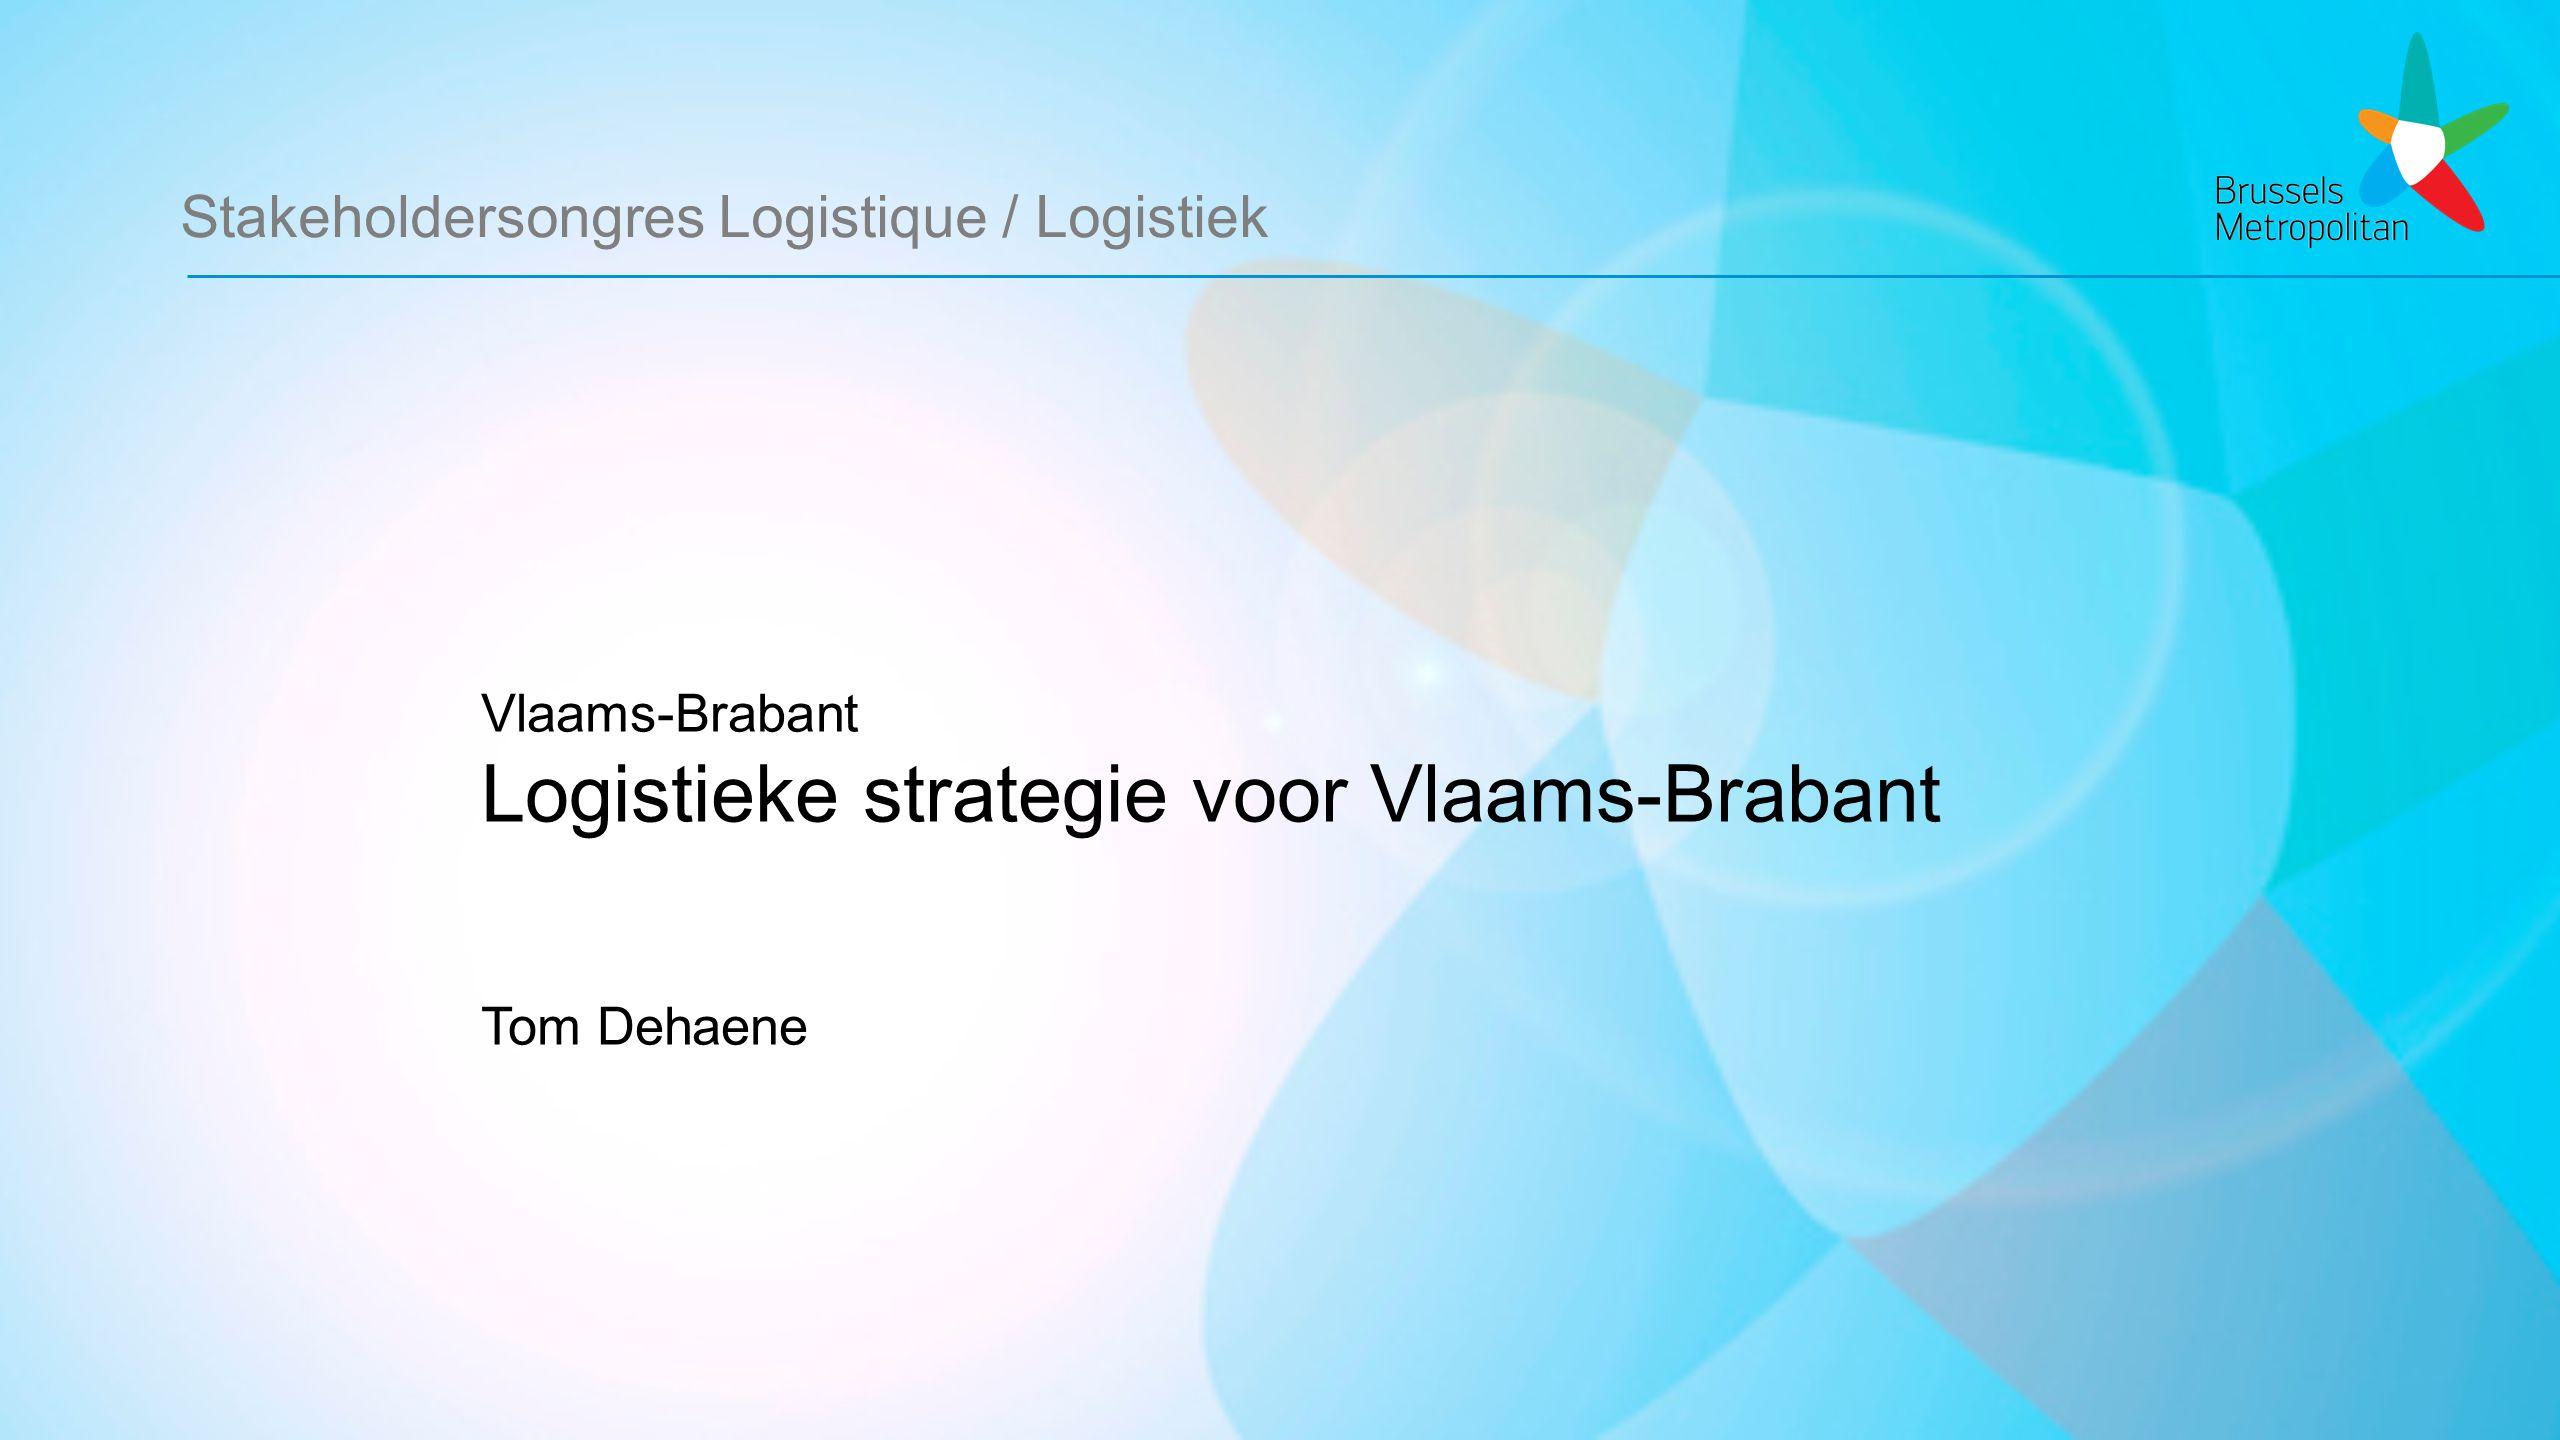 Stakeholdersongres Logistique / Logistiek Vlaams-Brabant Logistieke strategie voor Vlaams-Brabant Tom Dehaene